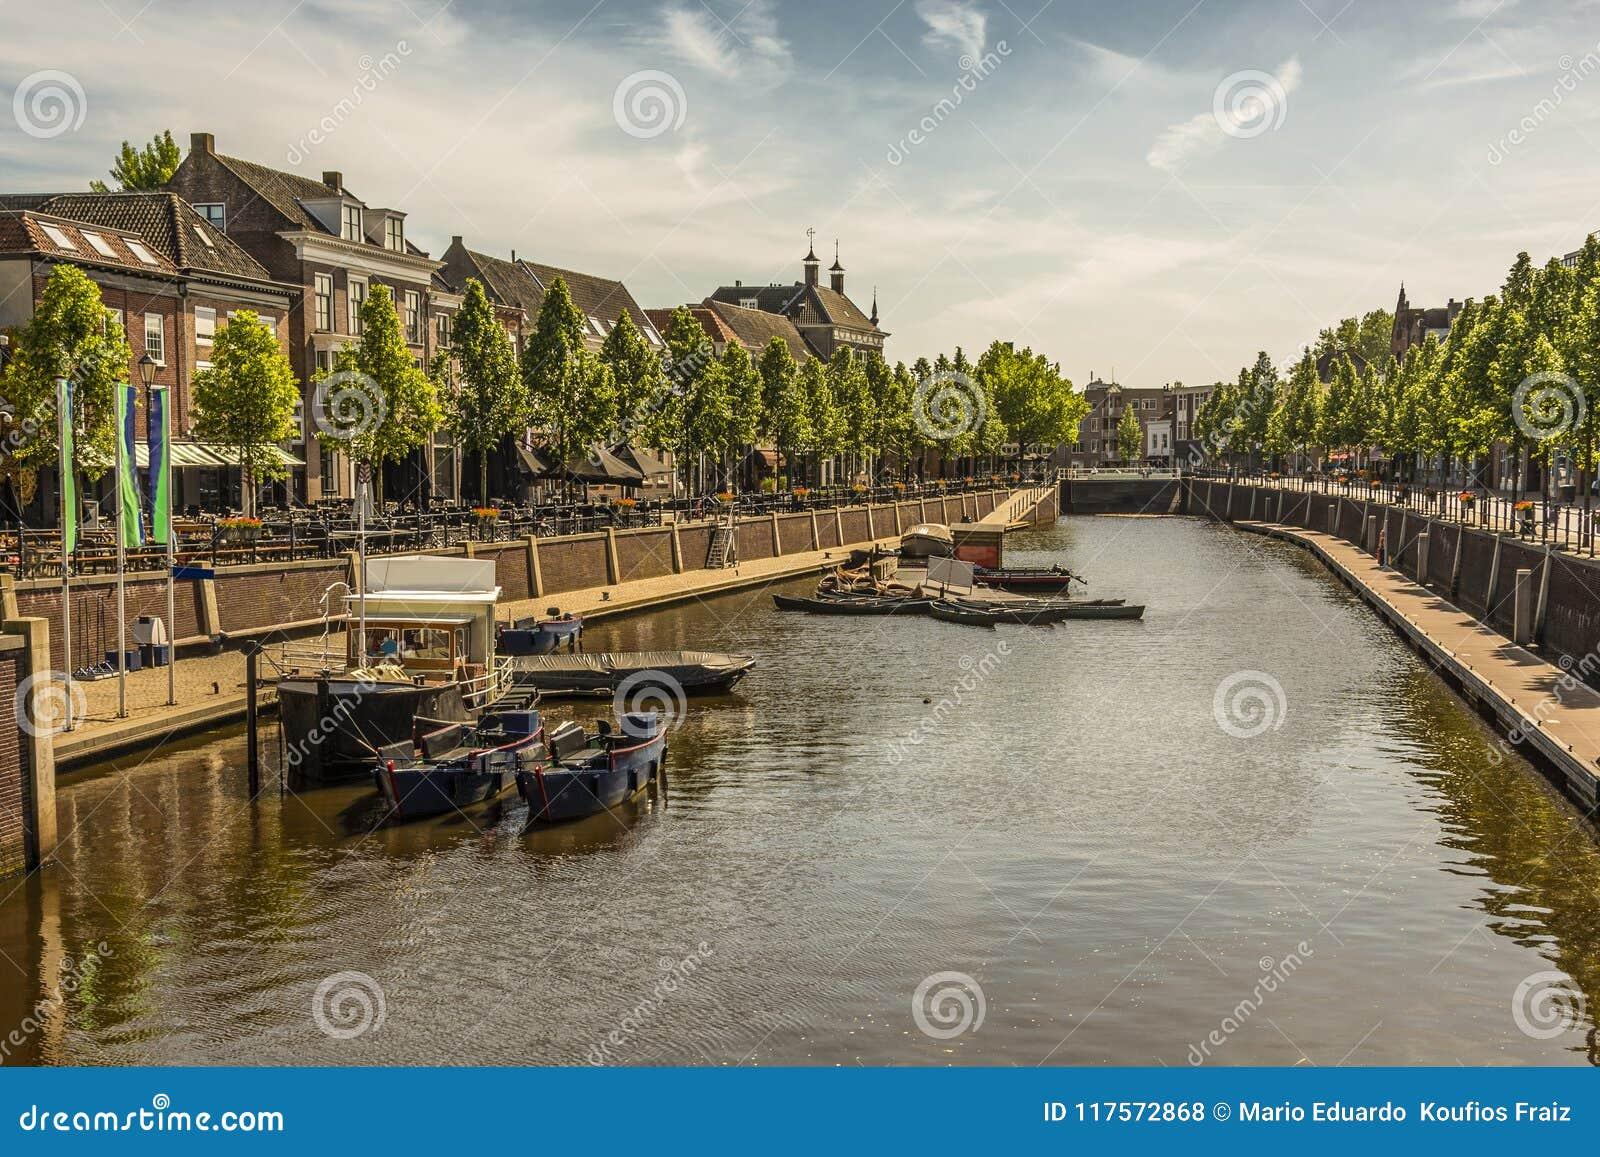 Canale e barche nel centro della città di Breda netherlands